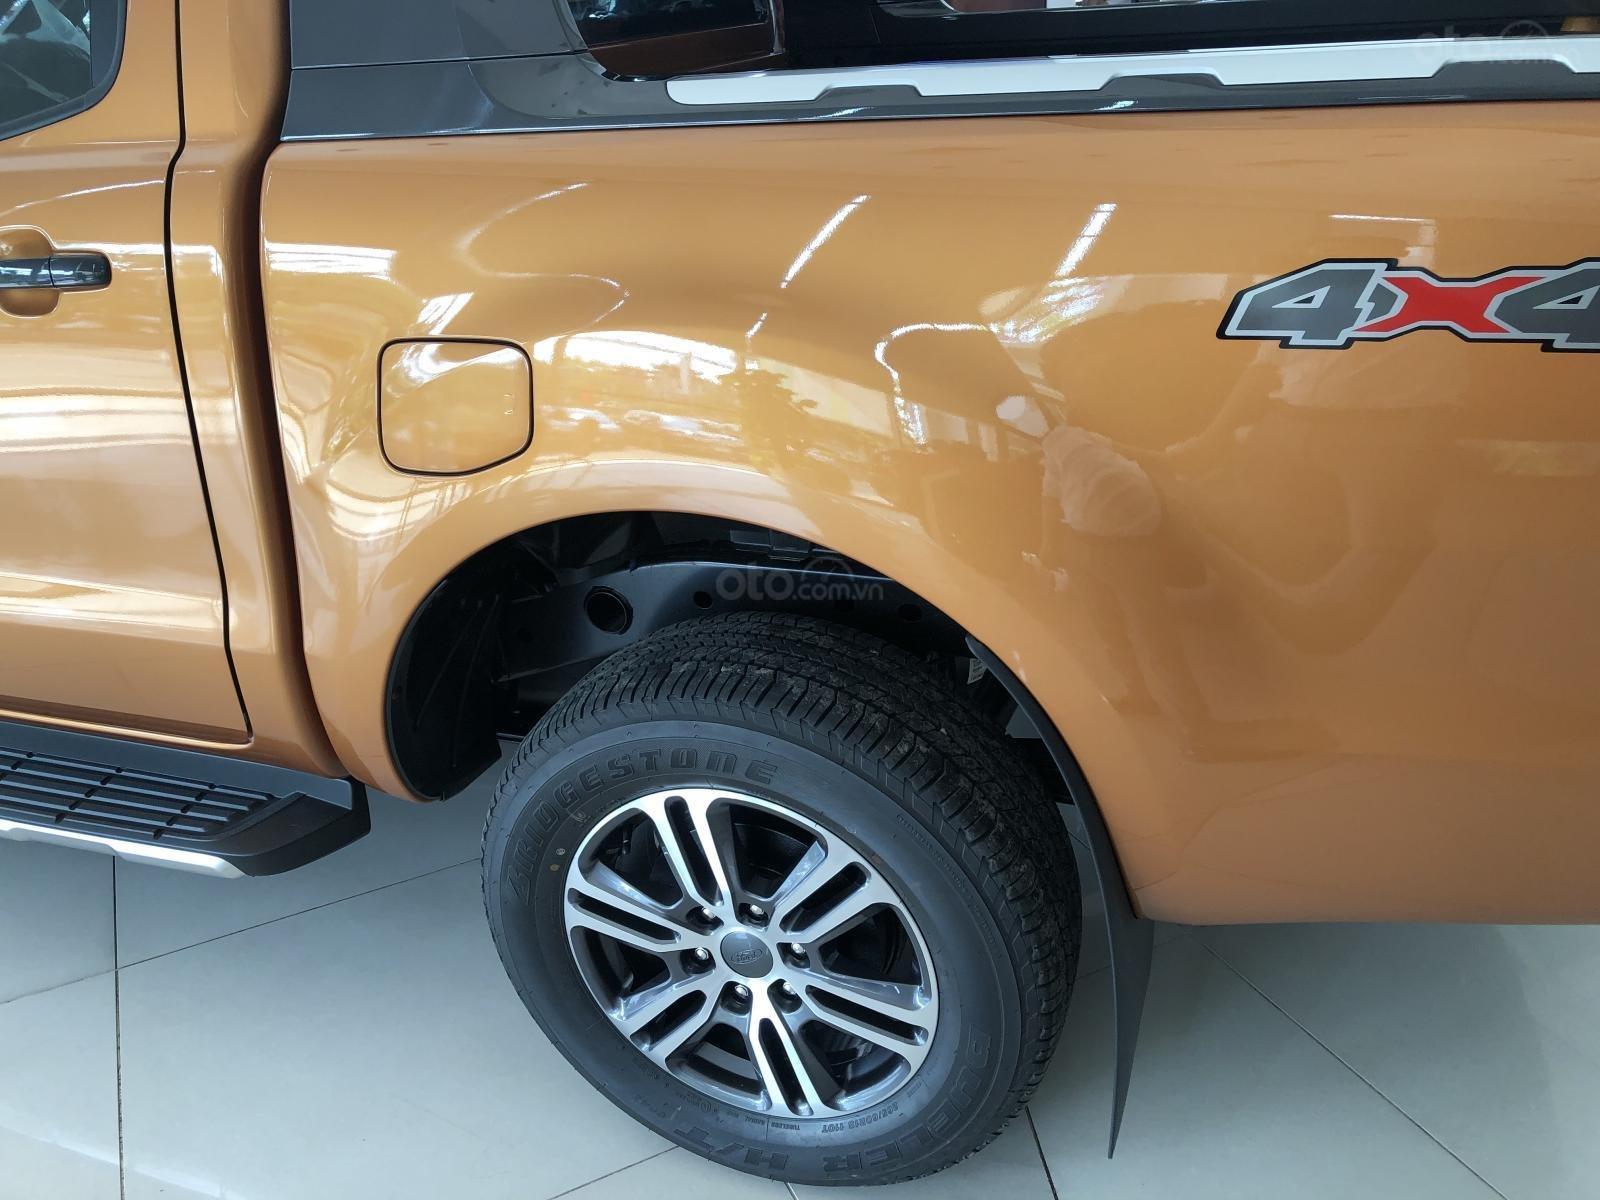 Bán Ford Ranger Wildtrak 4x4 2020, giảm 70 triệu tặng thêm gói phụ kiện hấp dẫn (4)